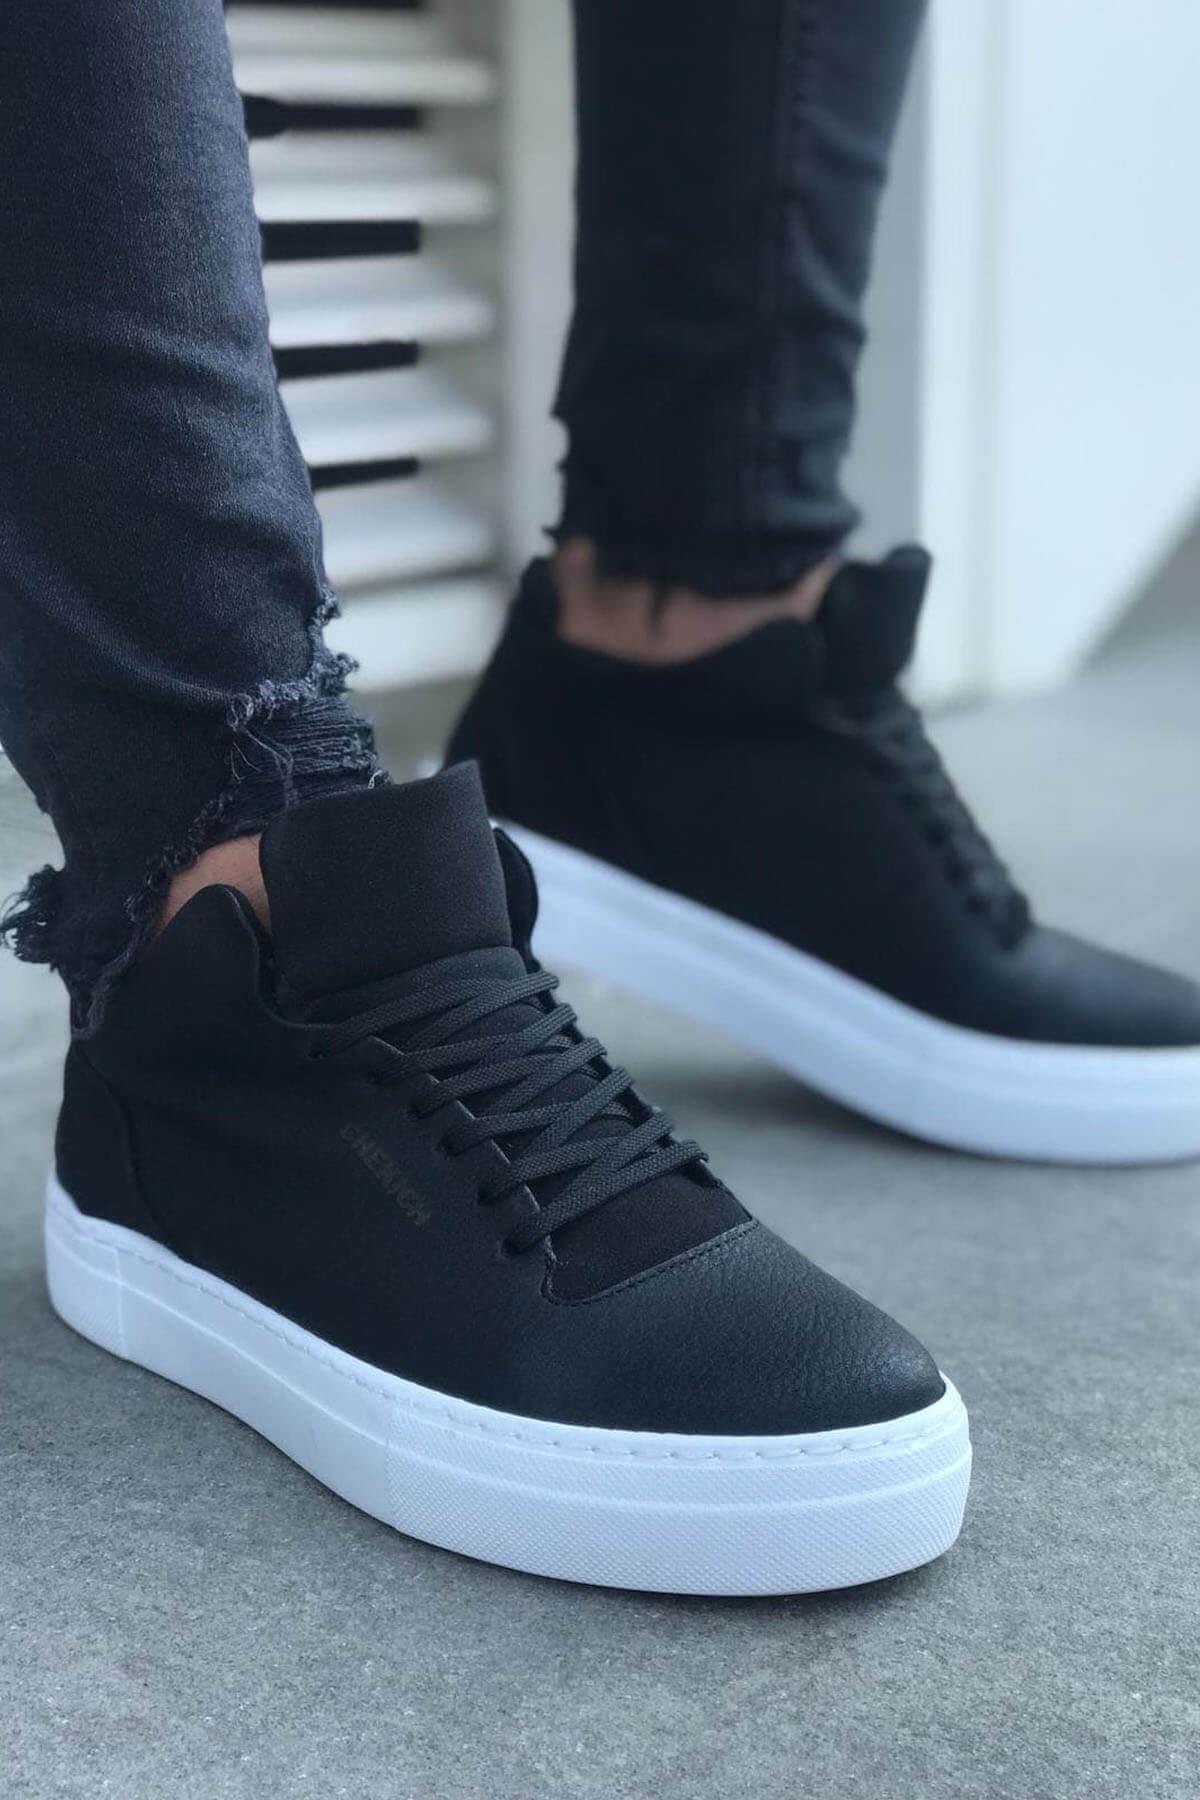 Chekich Bt Erkek Ayakkabı Siyah Ch004 1